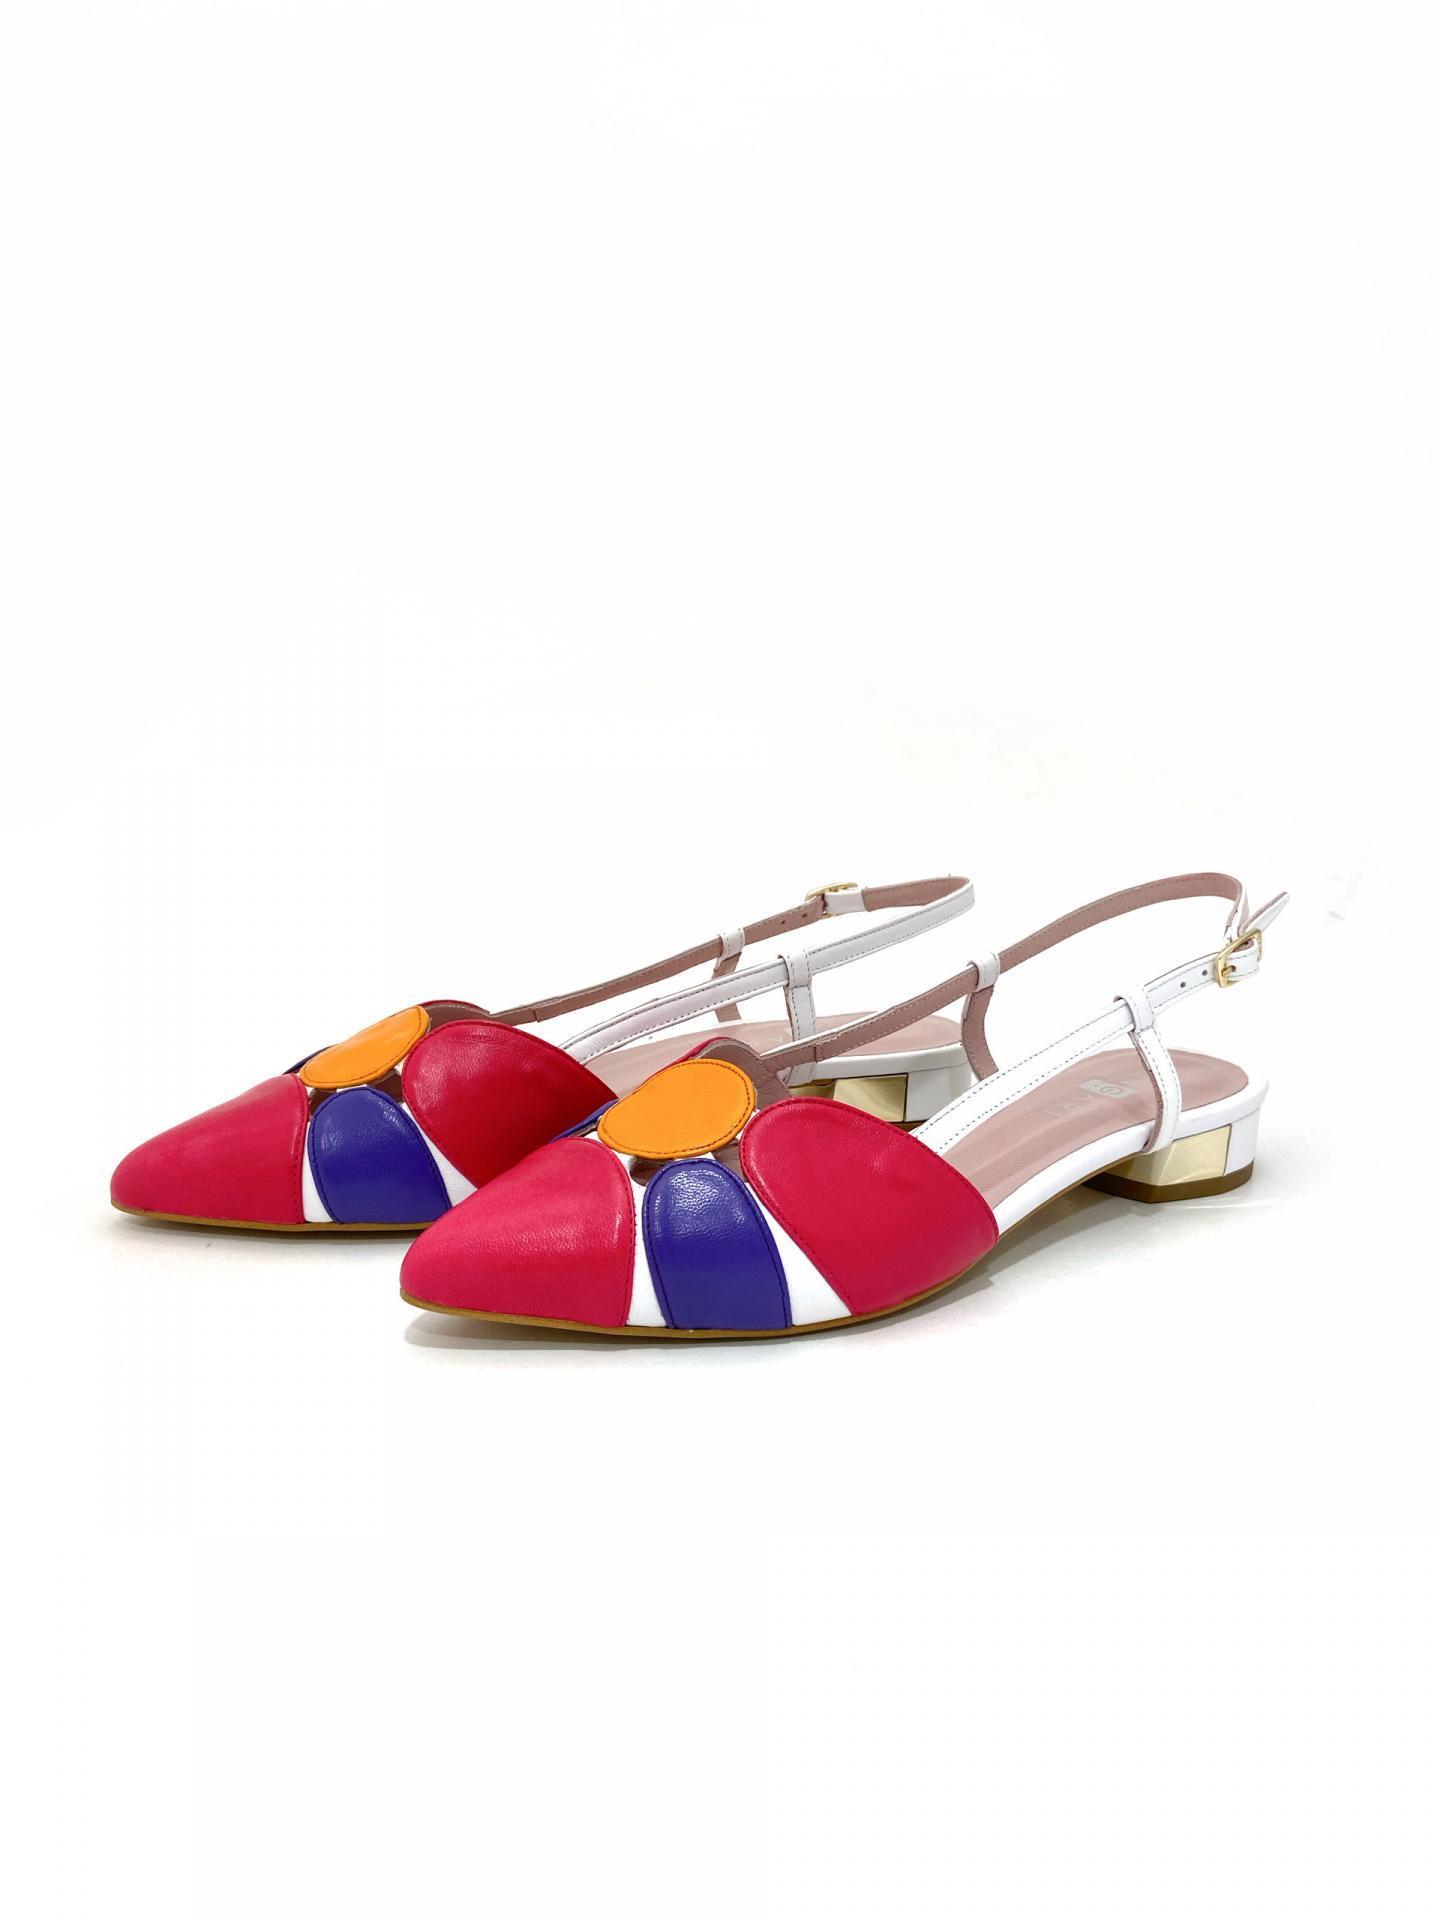 zapatos bajitos para fiesta